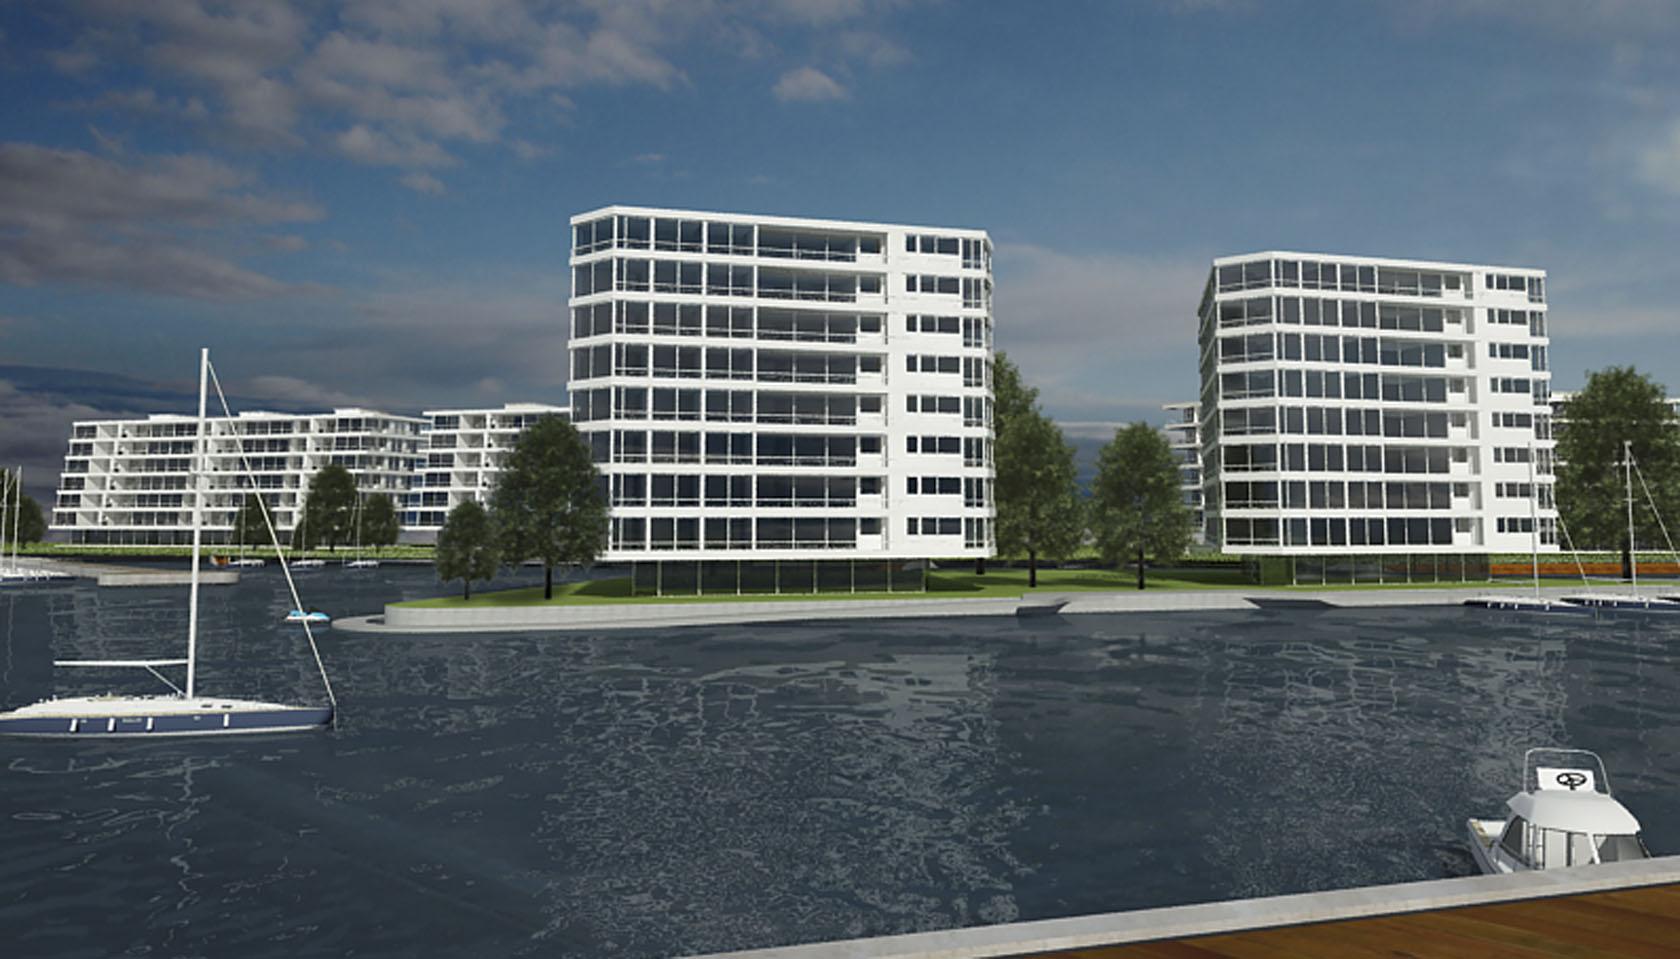 Edificios con vista al algo, diseño de muelles en edificios de vivienda